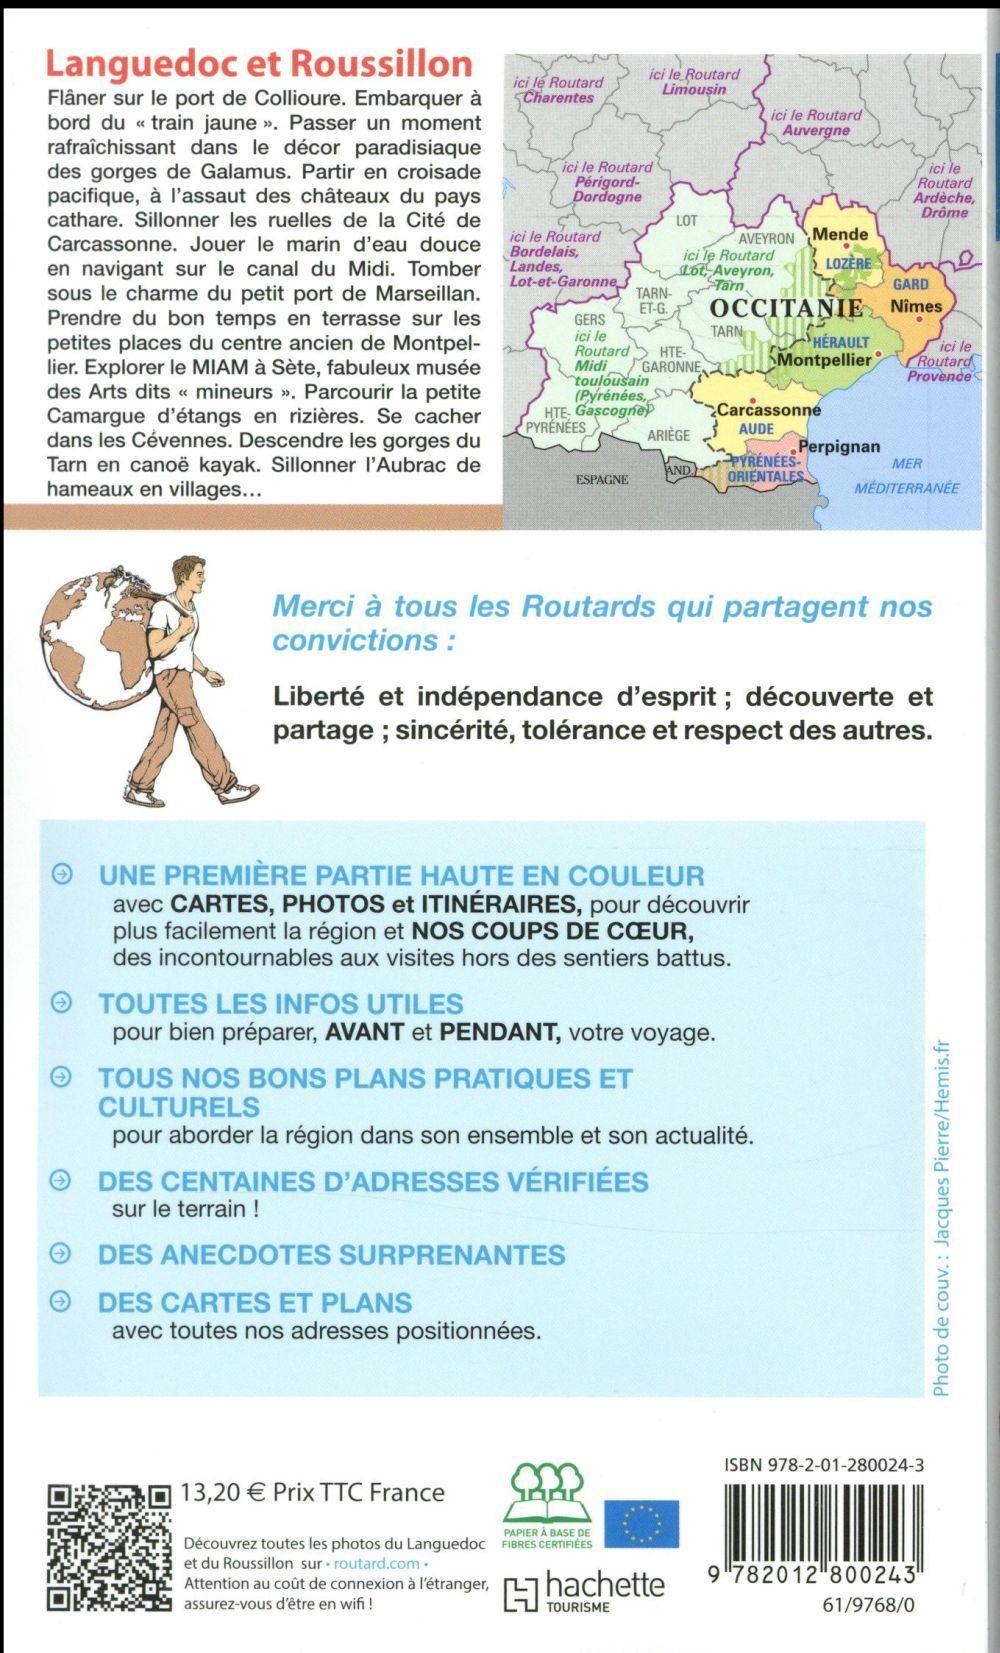 Guide Du Routard Languedoc Et Roussillon Cevennes Edition 2018 Collectif Hachette Hachette Tourisme Grand Format Espace Culturel Leclerc St Leu